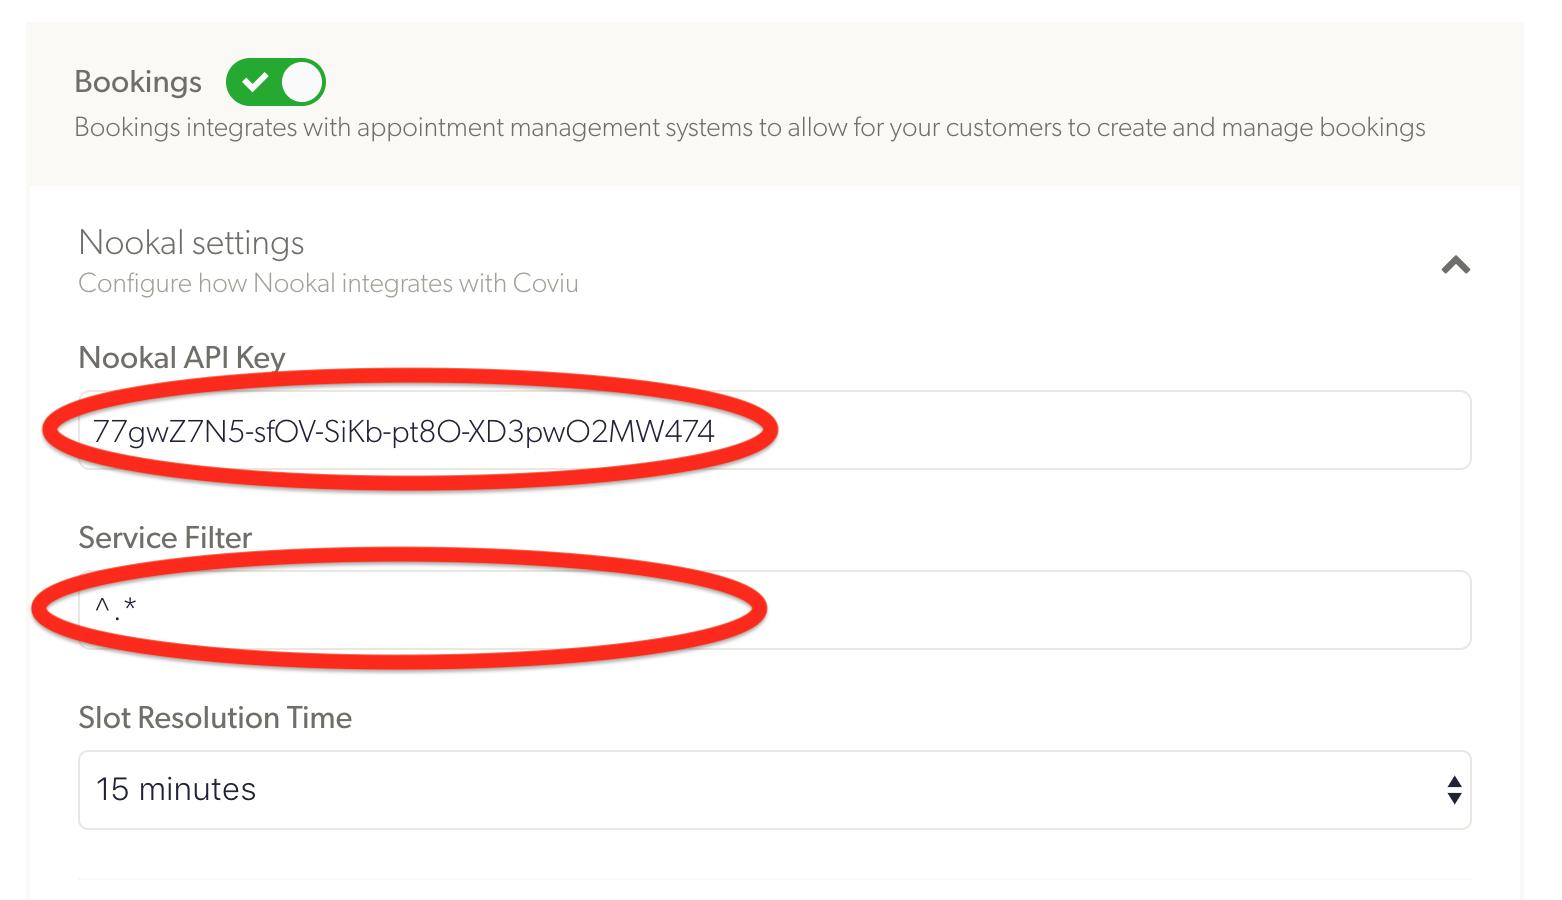 Nookal Integration API key